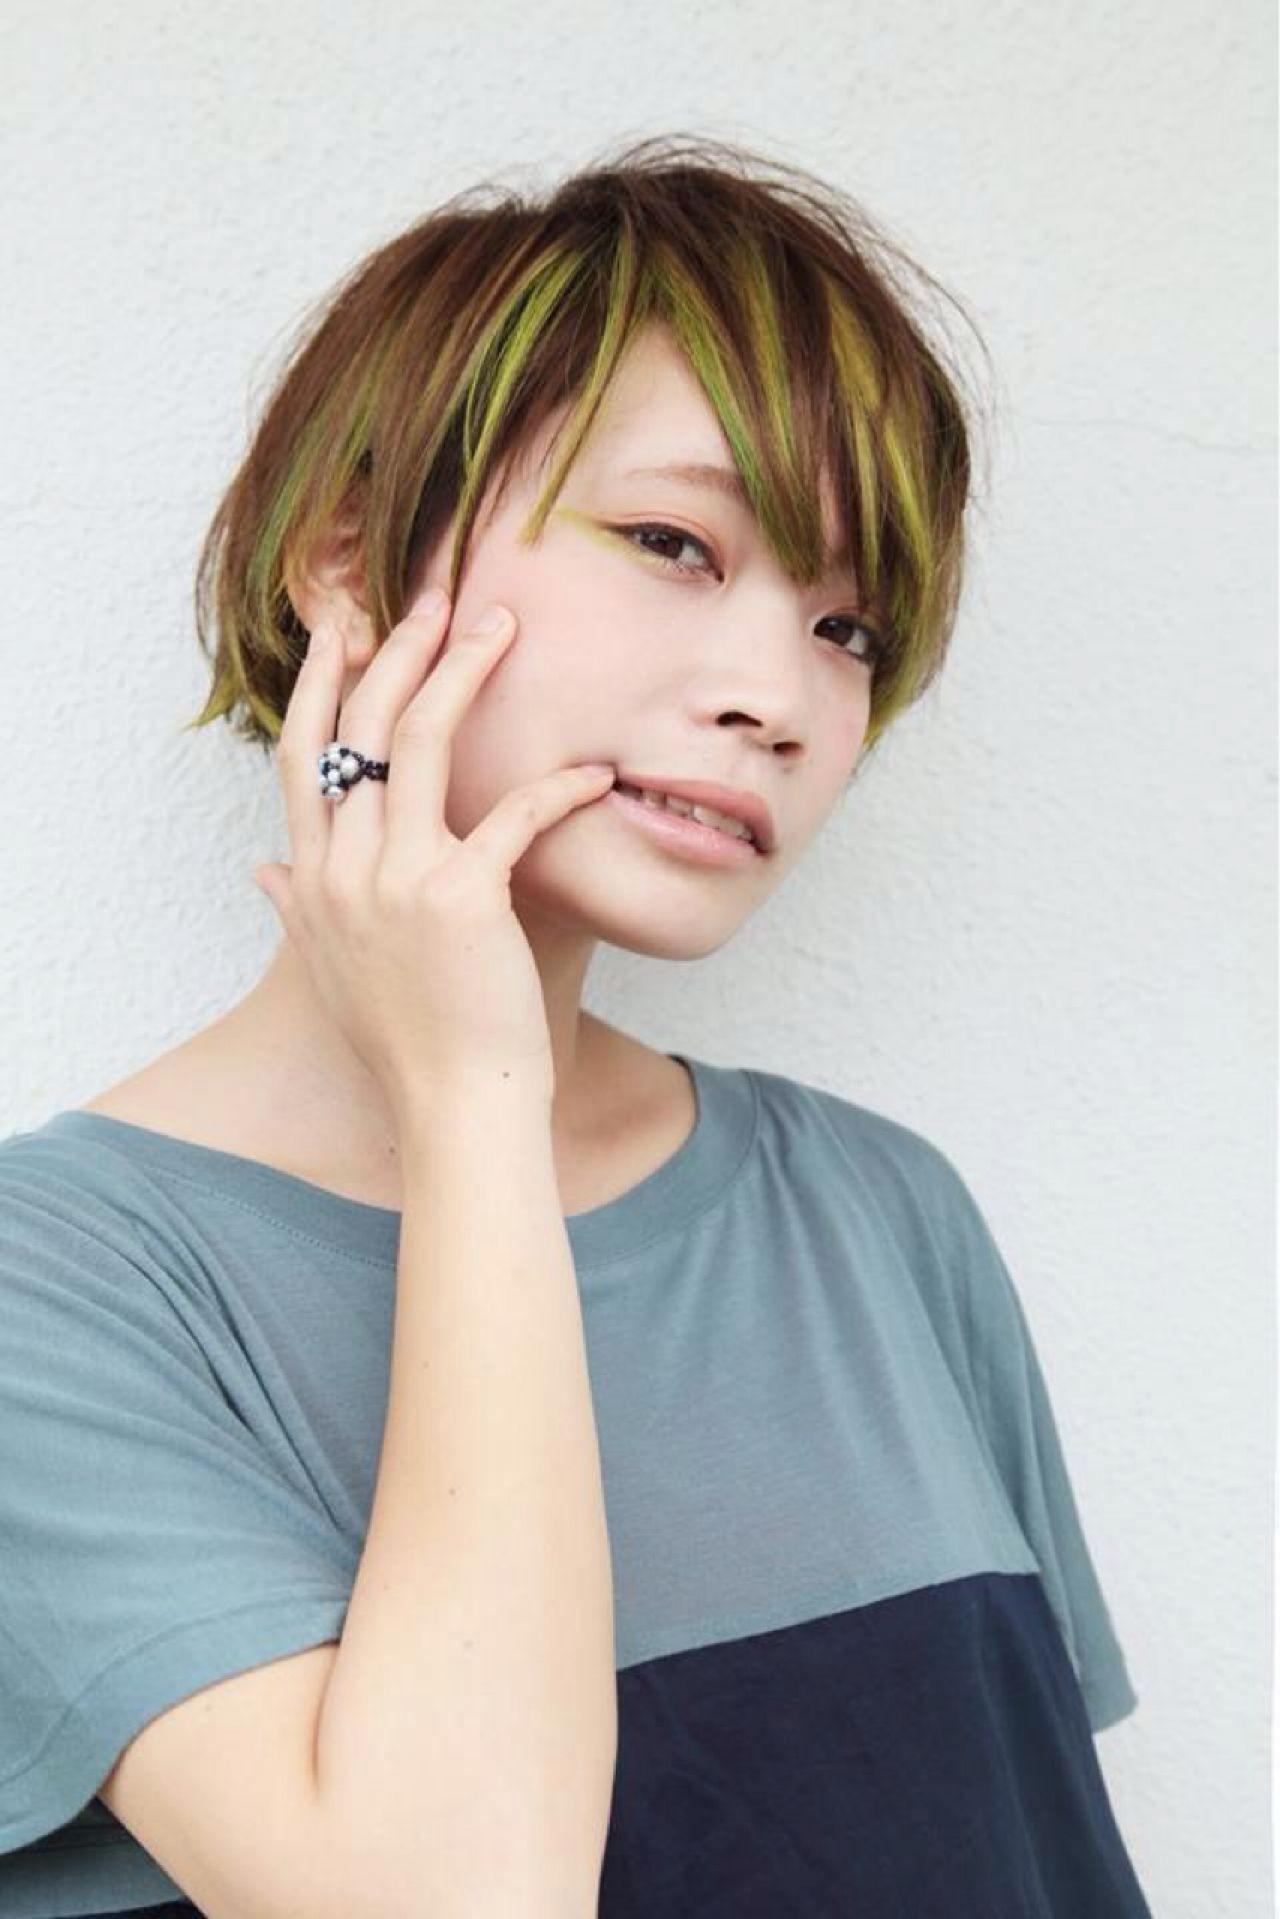 《前髪別》ストレートのショートボブ特集!絶対かわいくなれるスタイル10選 ishihara takuya